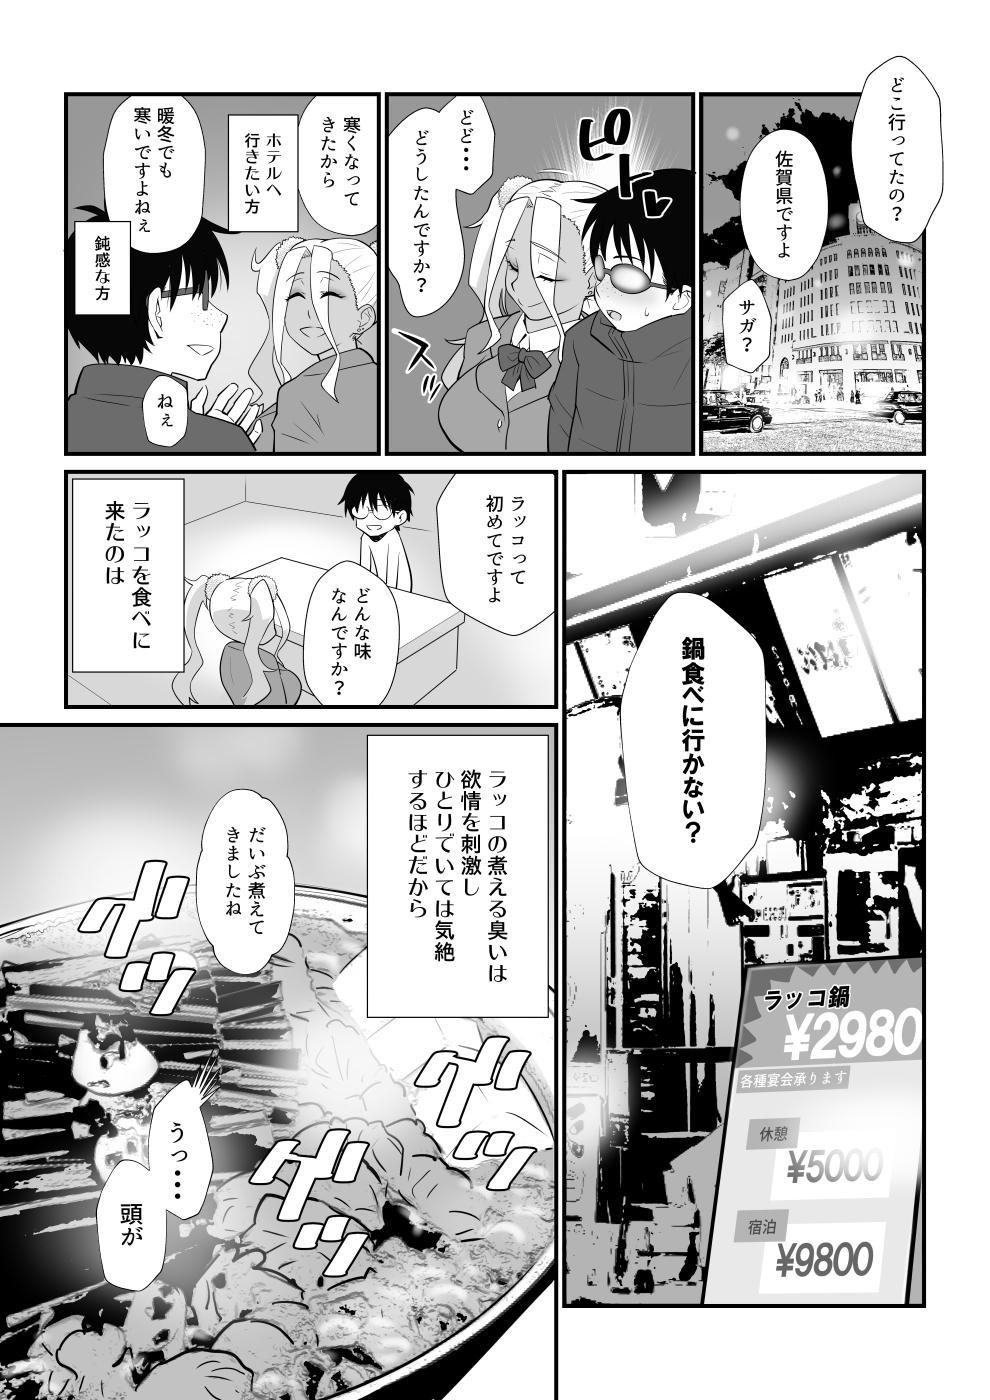 Gal ni Datte Hitohada Koishii Kisetsu ga Arutte Hontou desu ka? 4